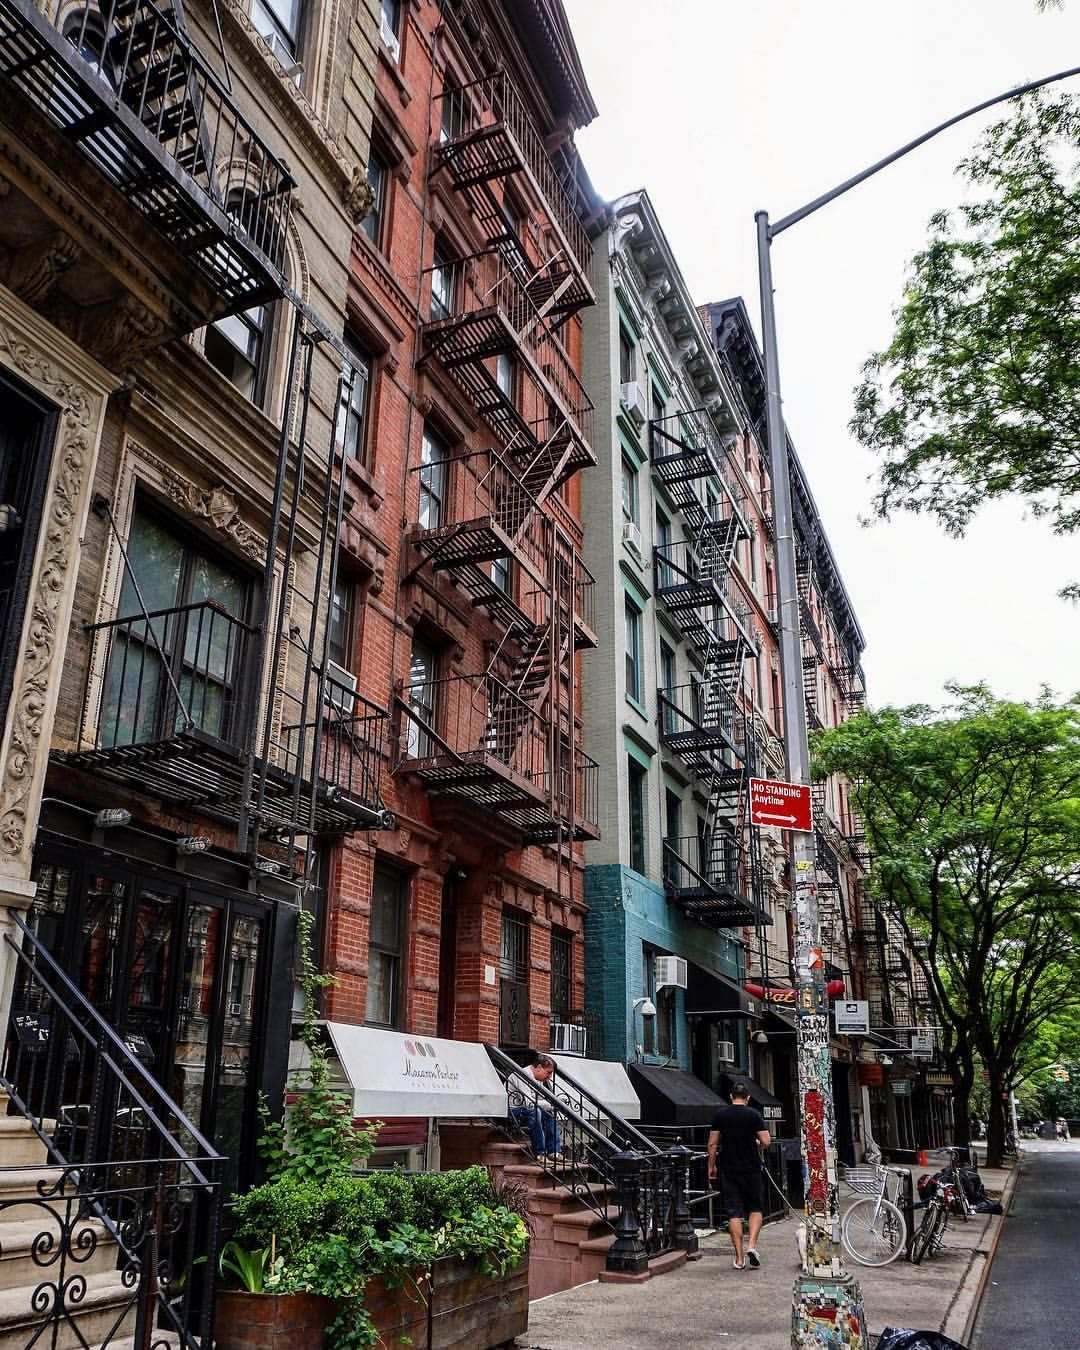 Streets In Manhattan: East Village Manhattan City Building Street Background